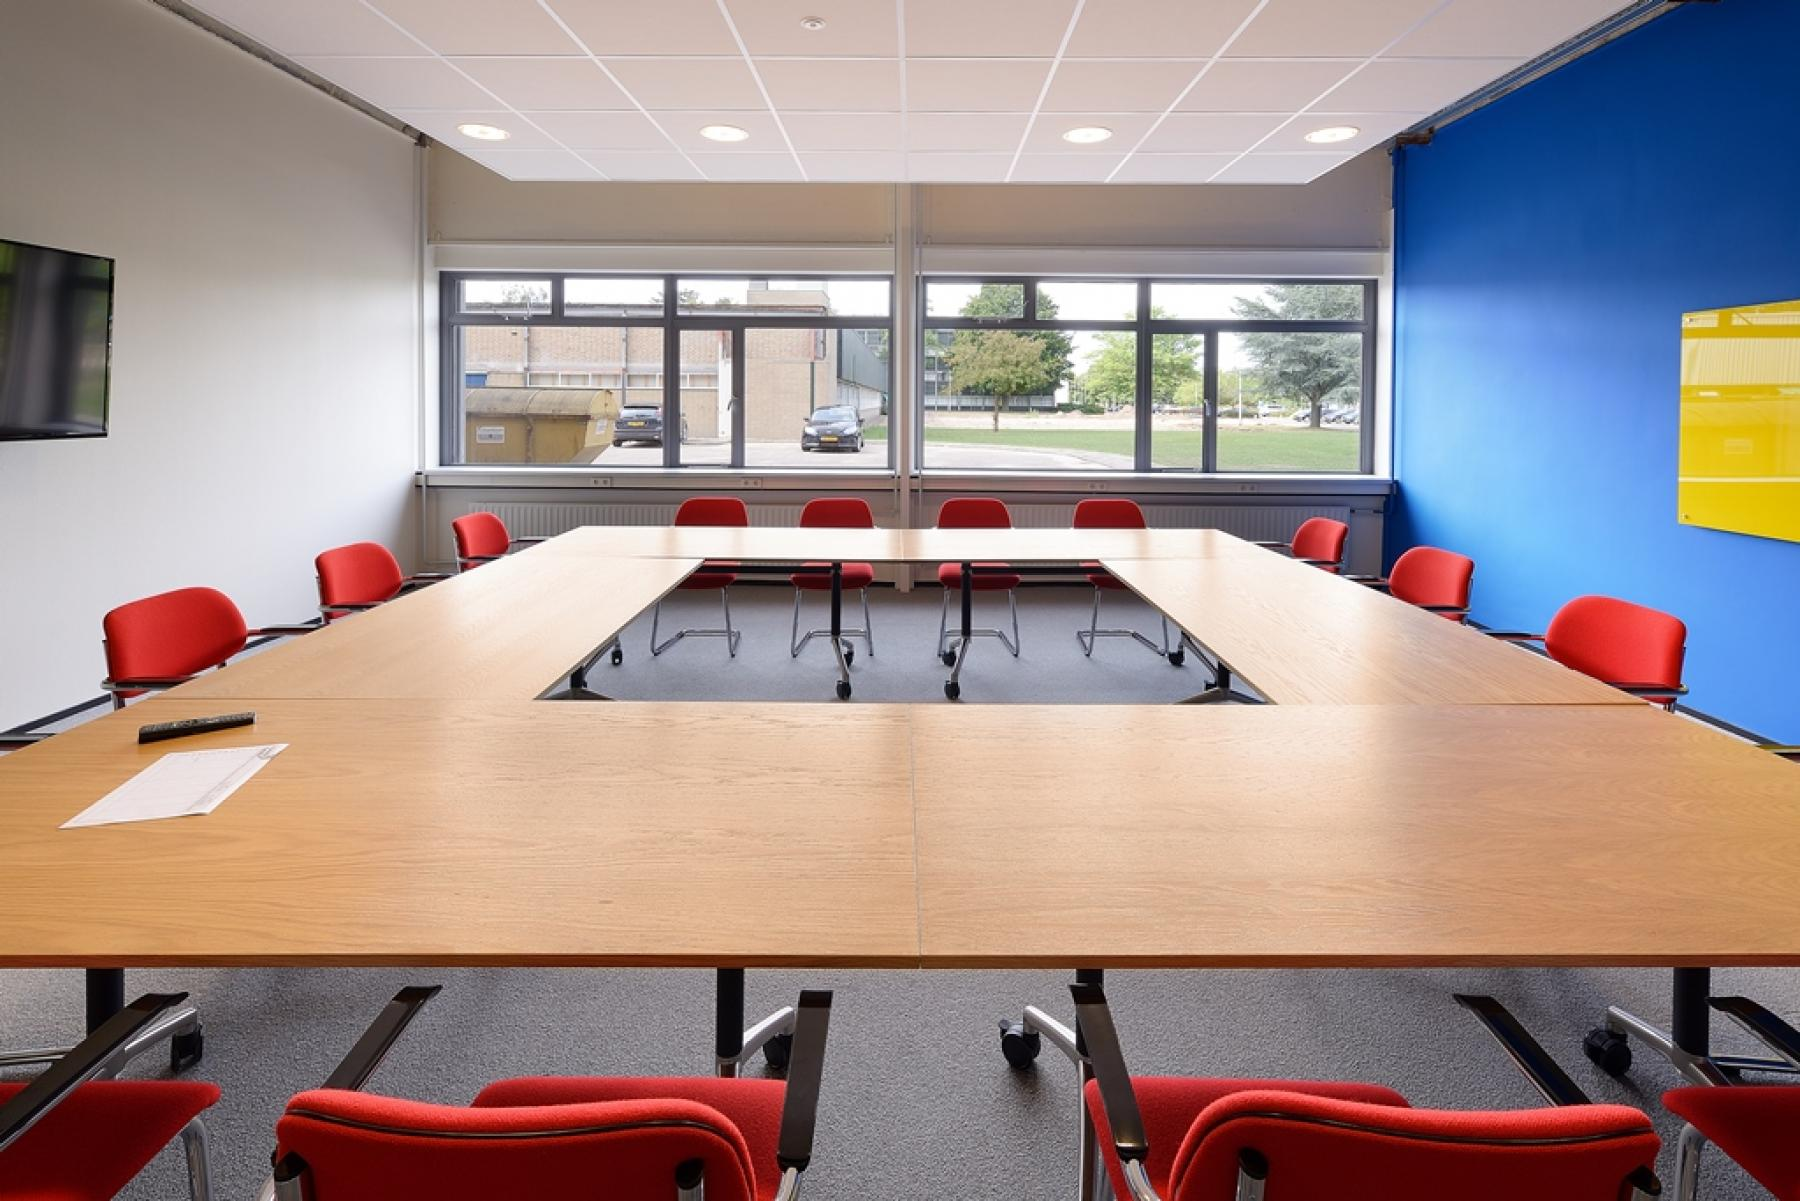 vergaderruimte apeldoorn kantoorpand vergaderzaal presentatiemogelijkheden raam uitzicht